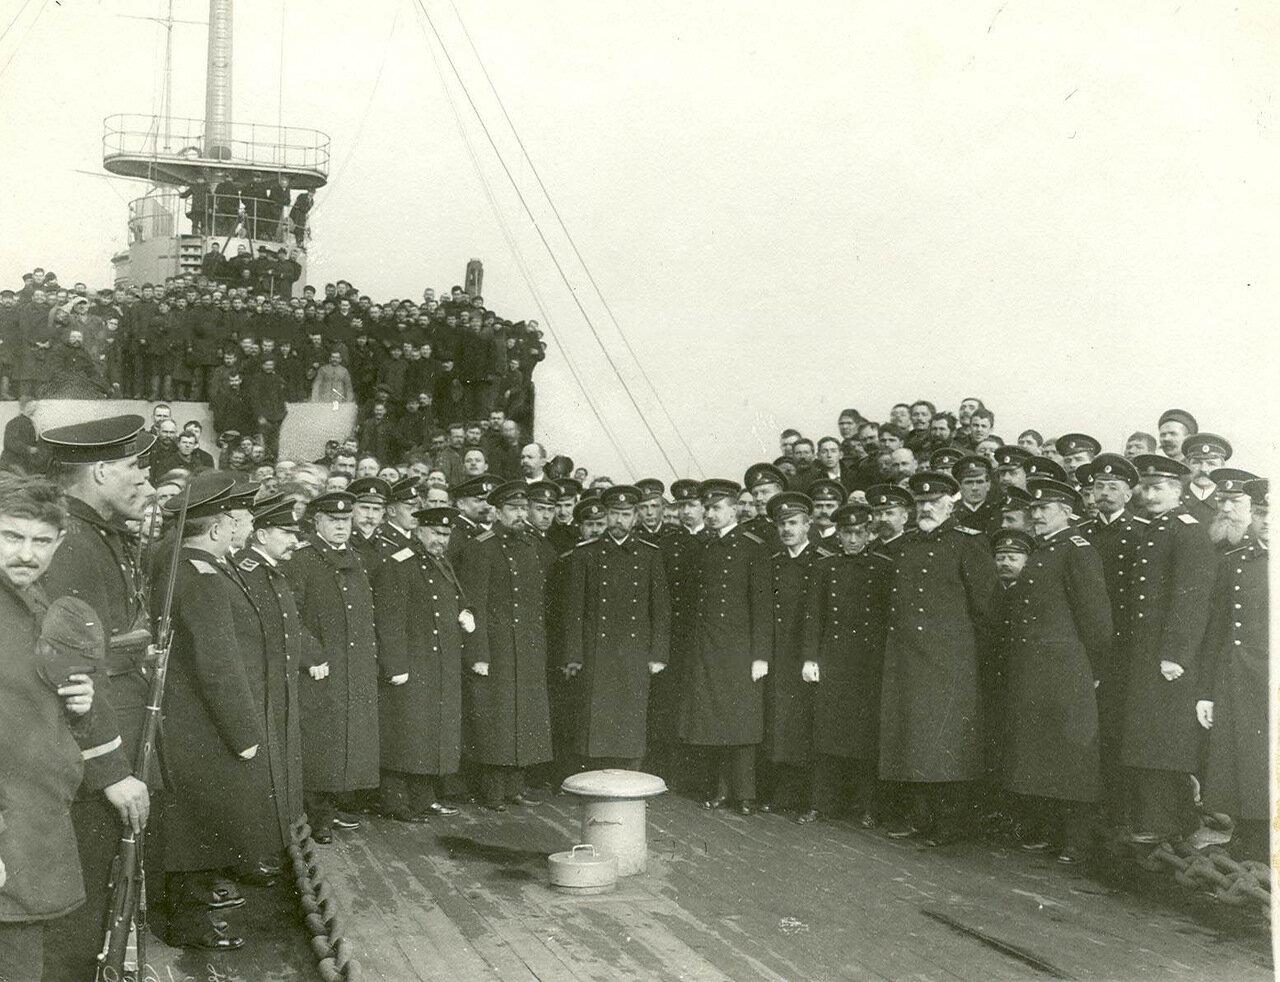 19. Император Николай II с группой офицеров Морского министерства на палубе линкора